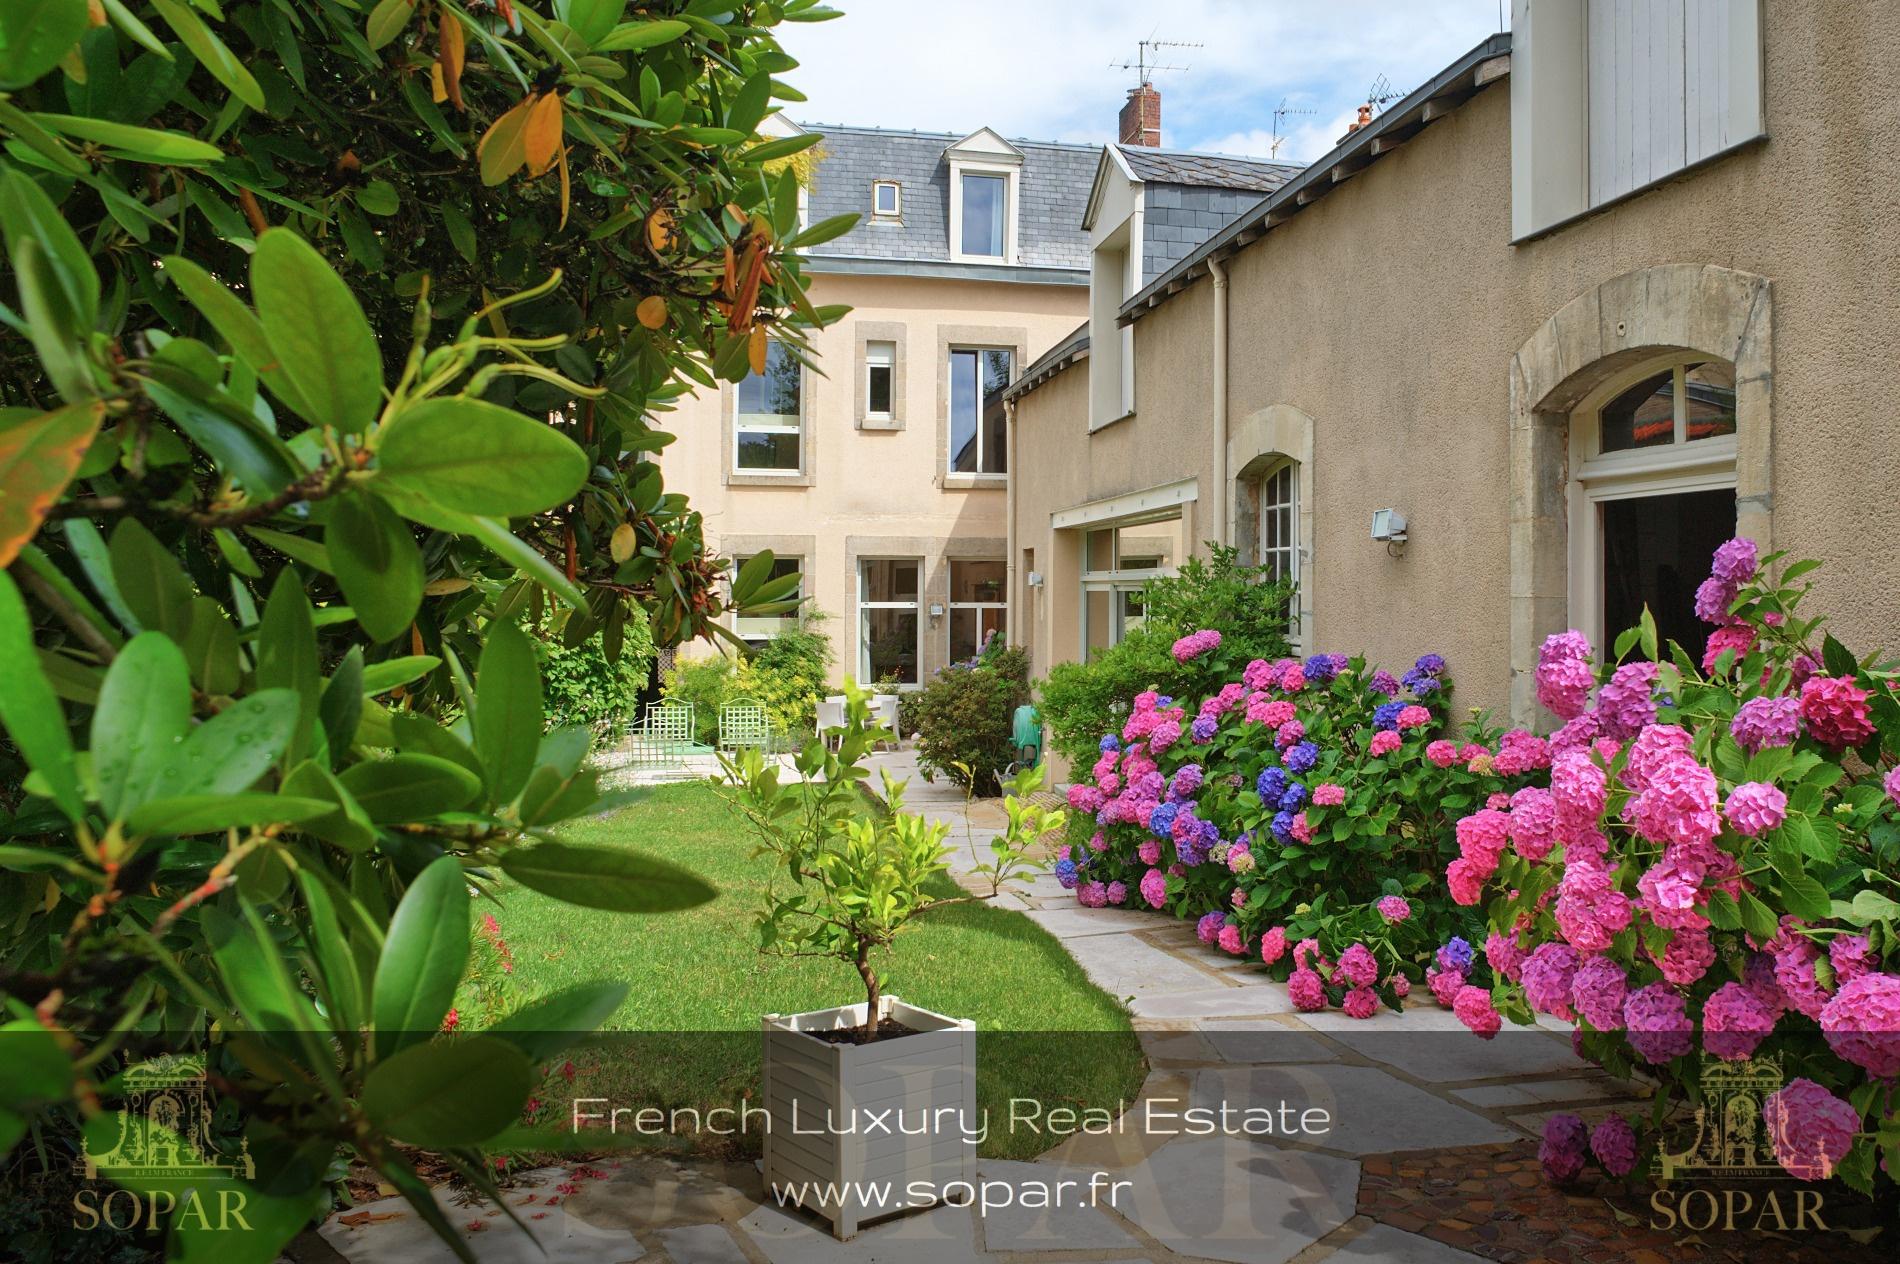 Vente Hotel Particulier Limoges Square Des Emailleurs